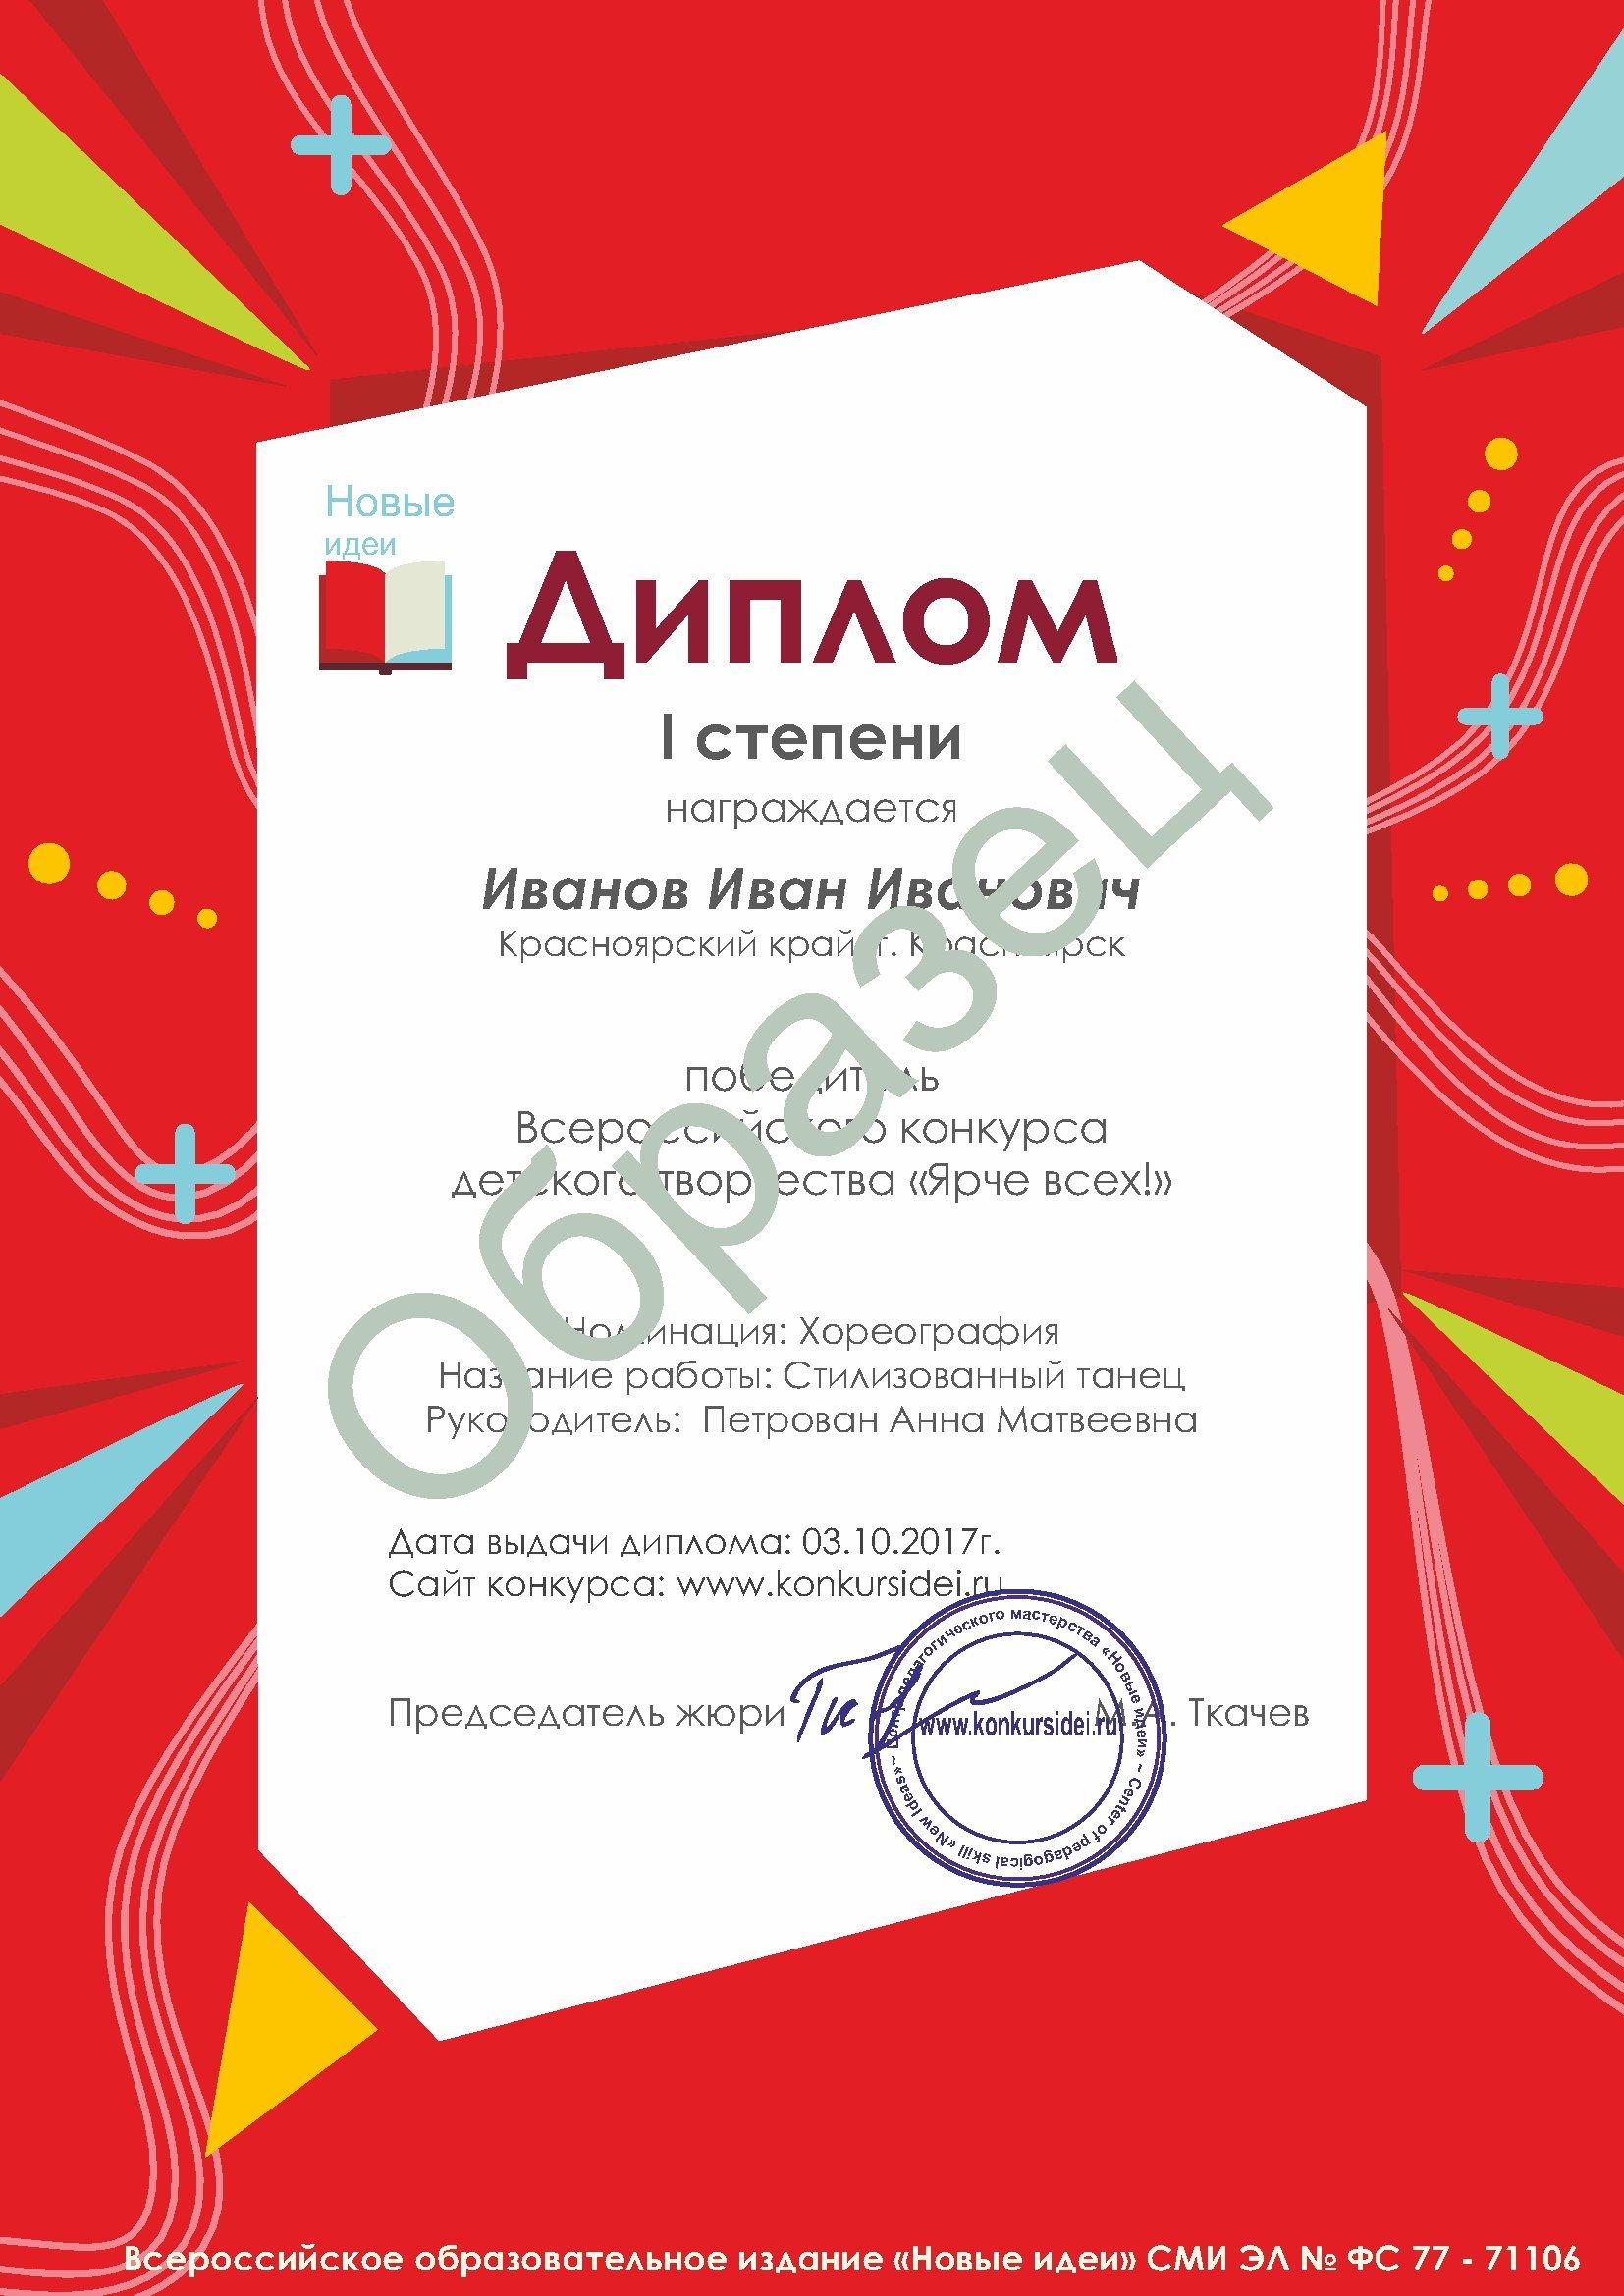 Всероссийские конкурсы, дистанционные конкурсы, олимпиады